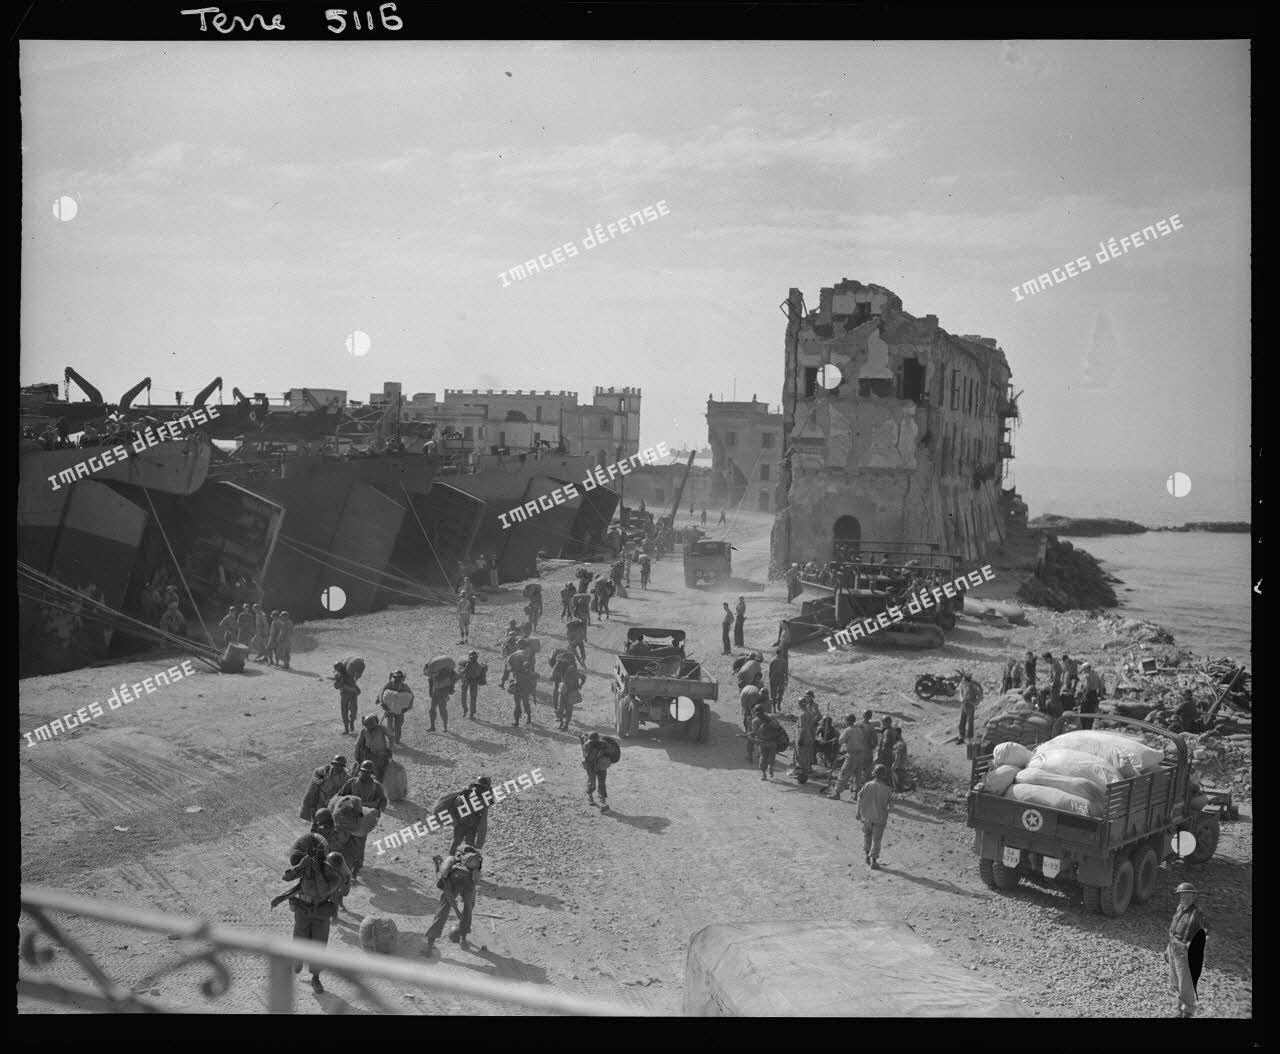 Offensive en direction de Rome : débarquement depuis des landing ships tanks (LSTs) de renforts et de véhicules américains dans le port d'Anzio.